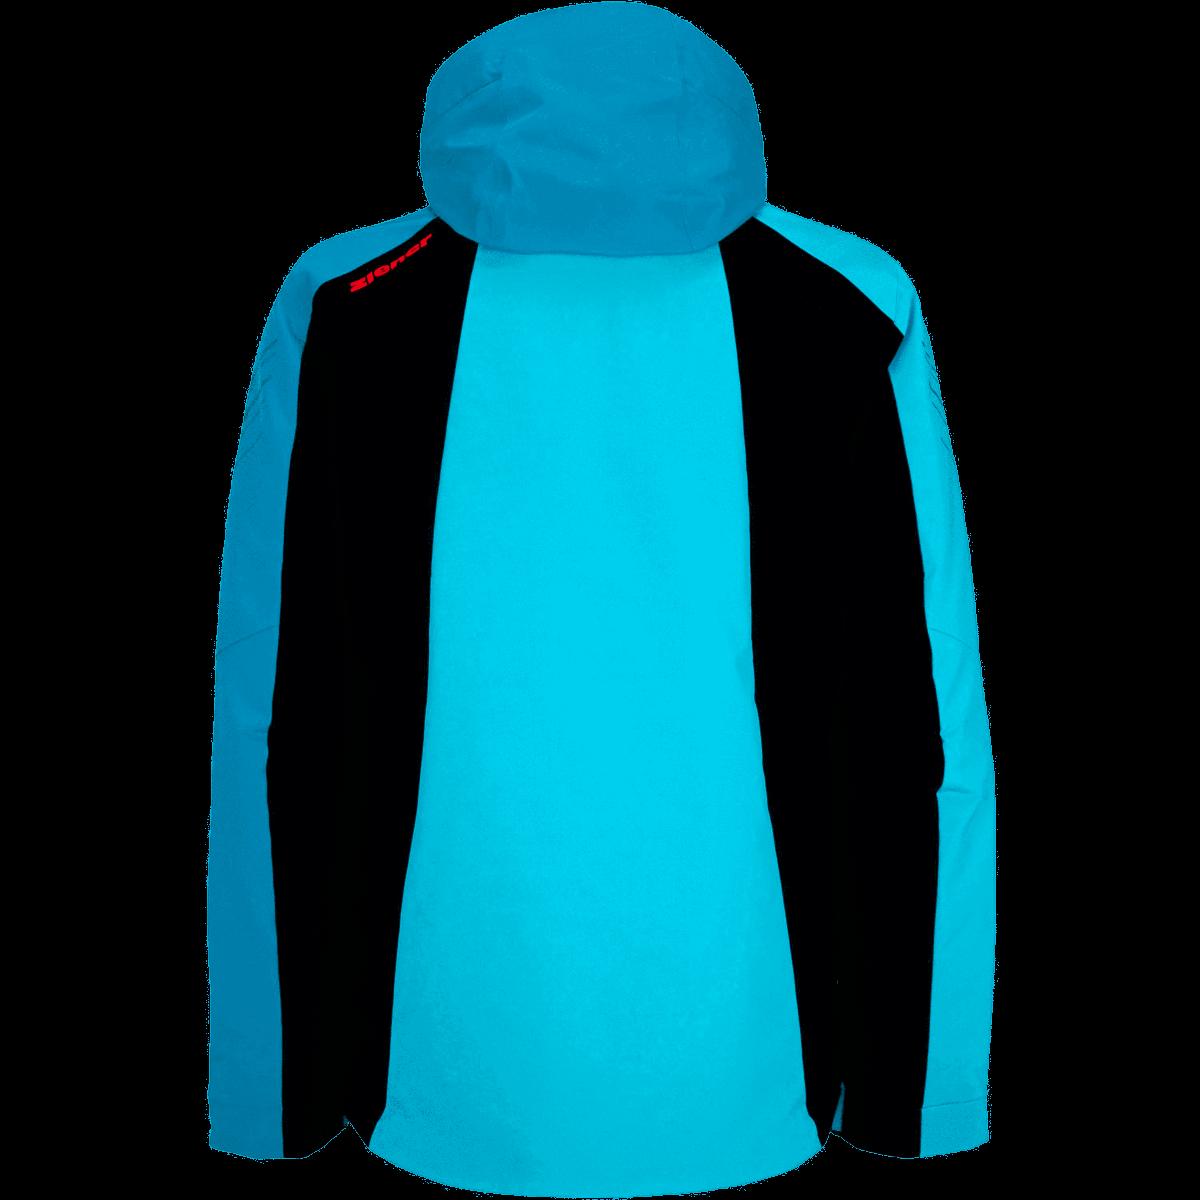 Ziener Herren Tebulo Ski Snowboard-Jacke 204201 türkis